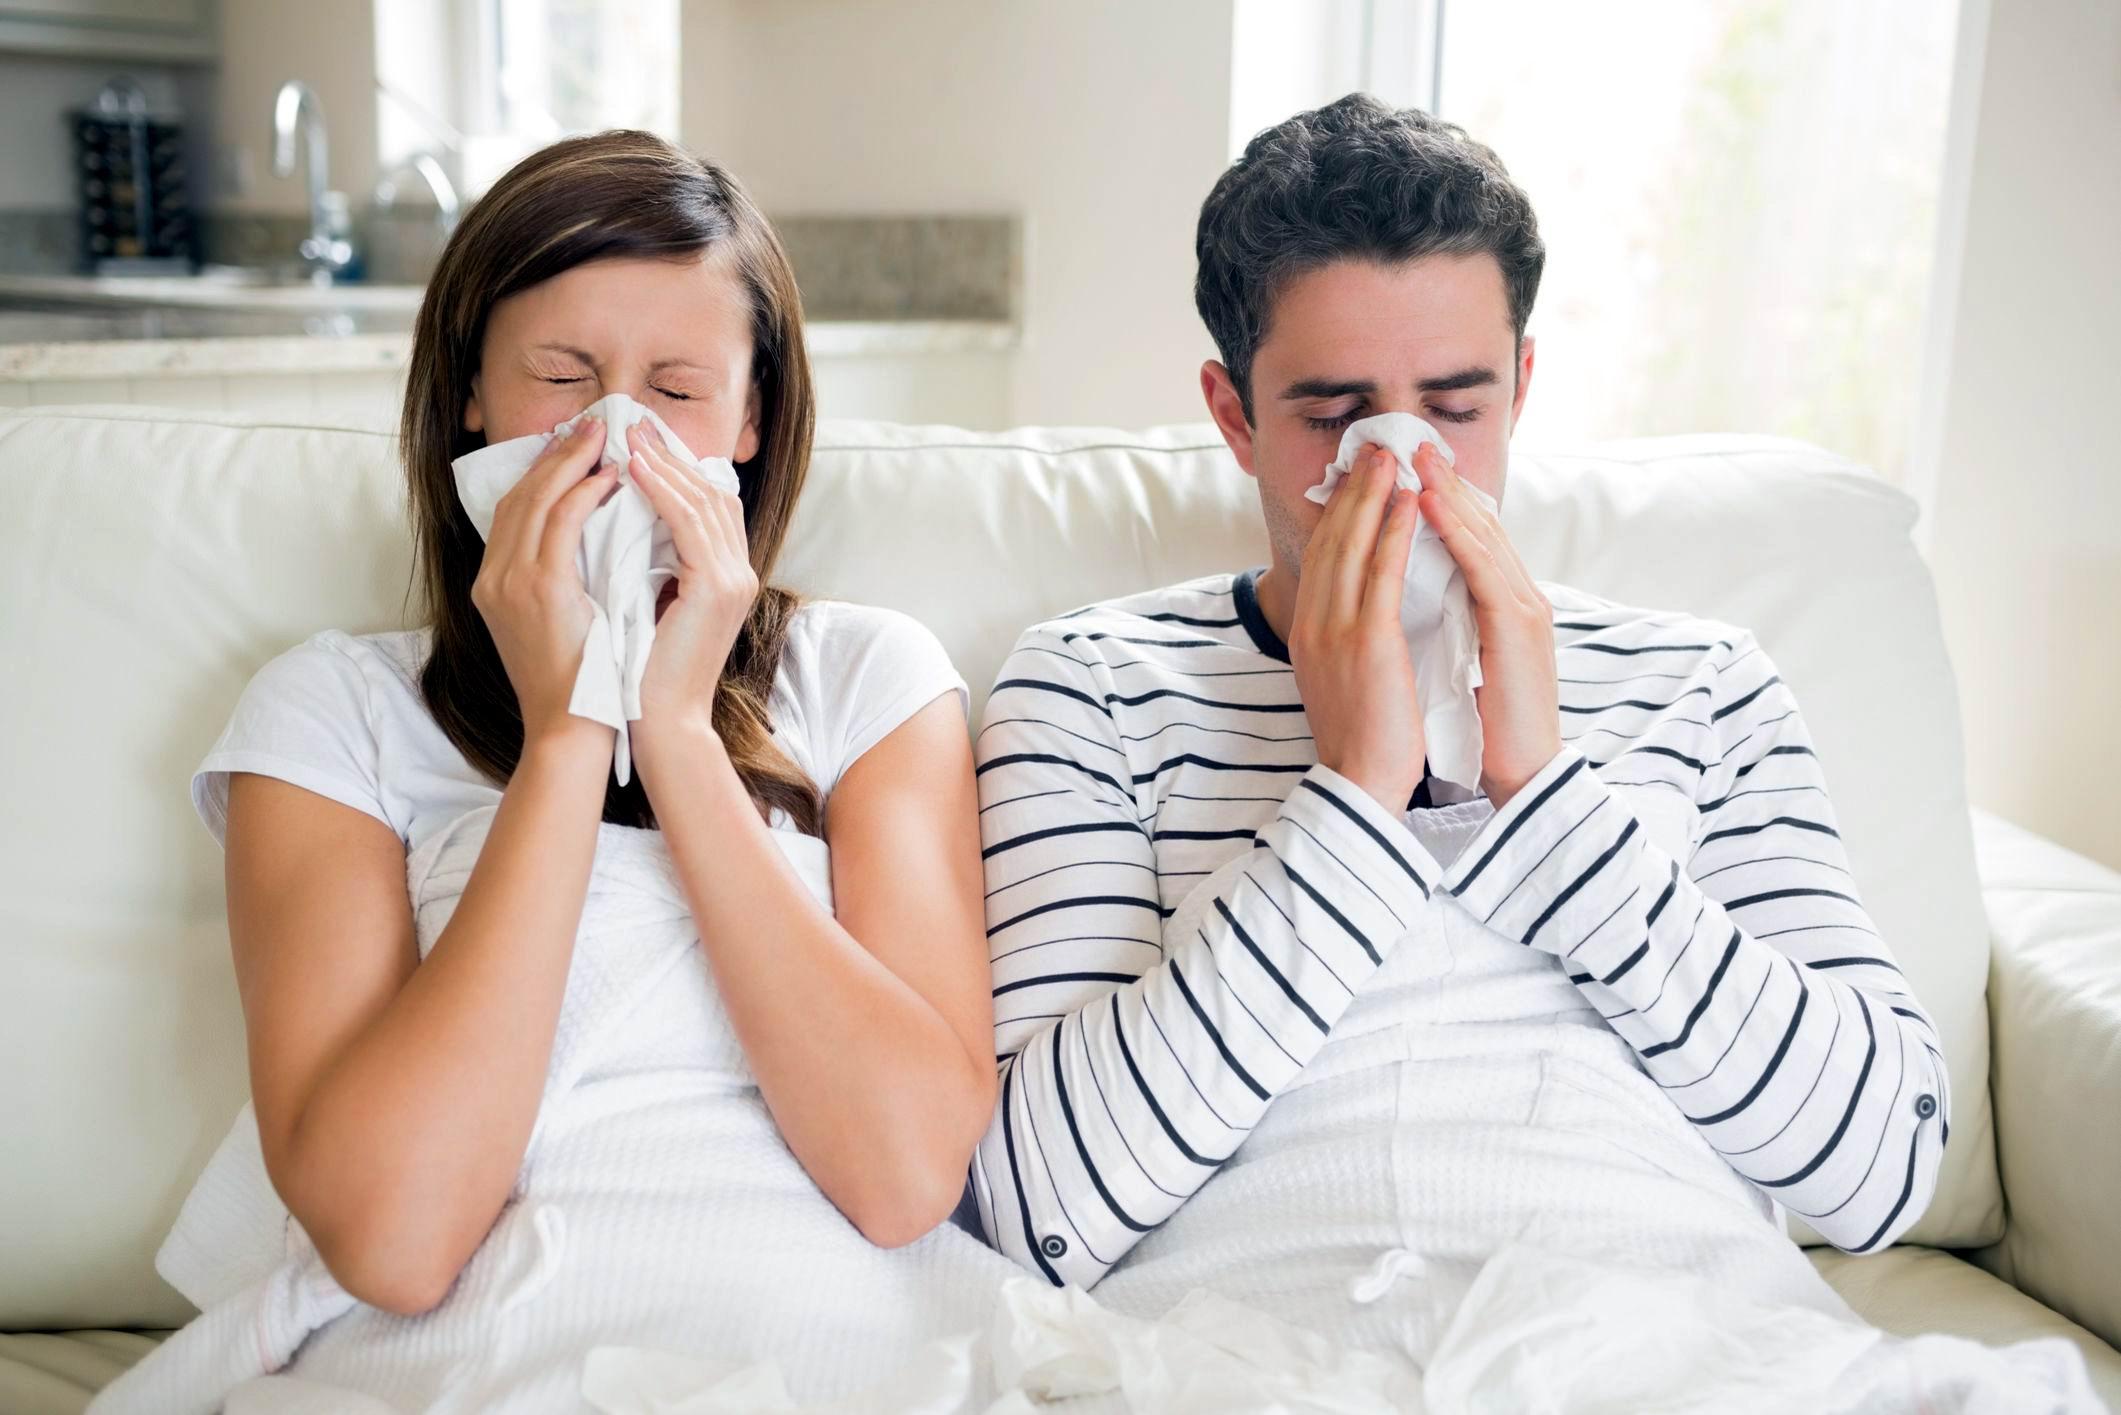 Грипп – симптомы и признаки, лечение и профилактика болезни, осложнения и профилактика.